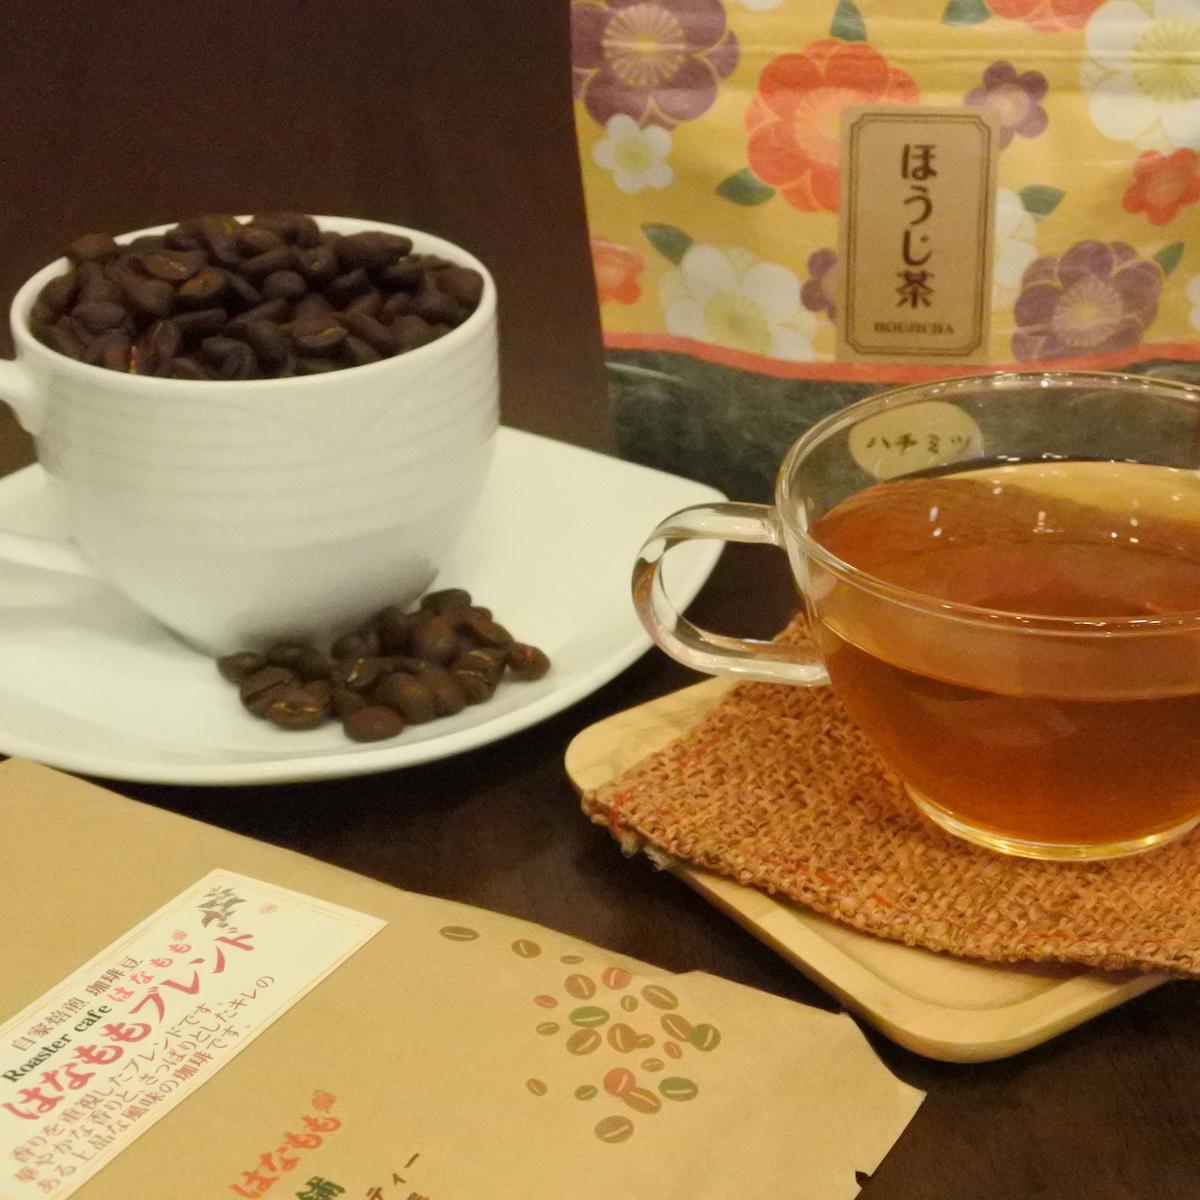 【ふるさと納税】当店オリジナルのブレンドコーヒー(豆)とフレーバーほうじ茶のセット